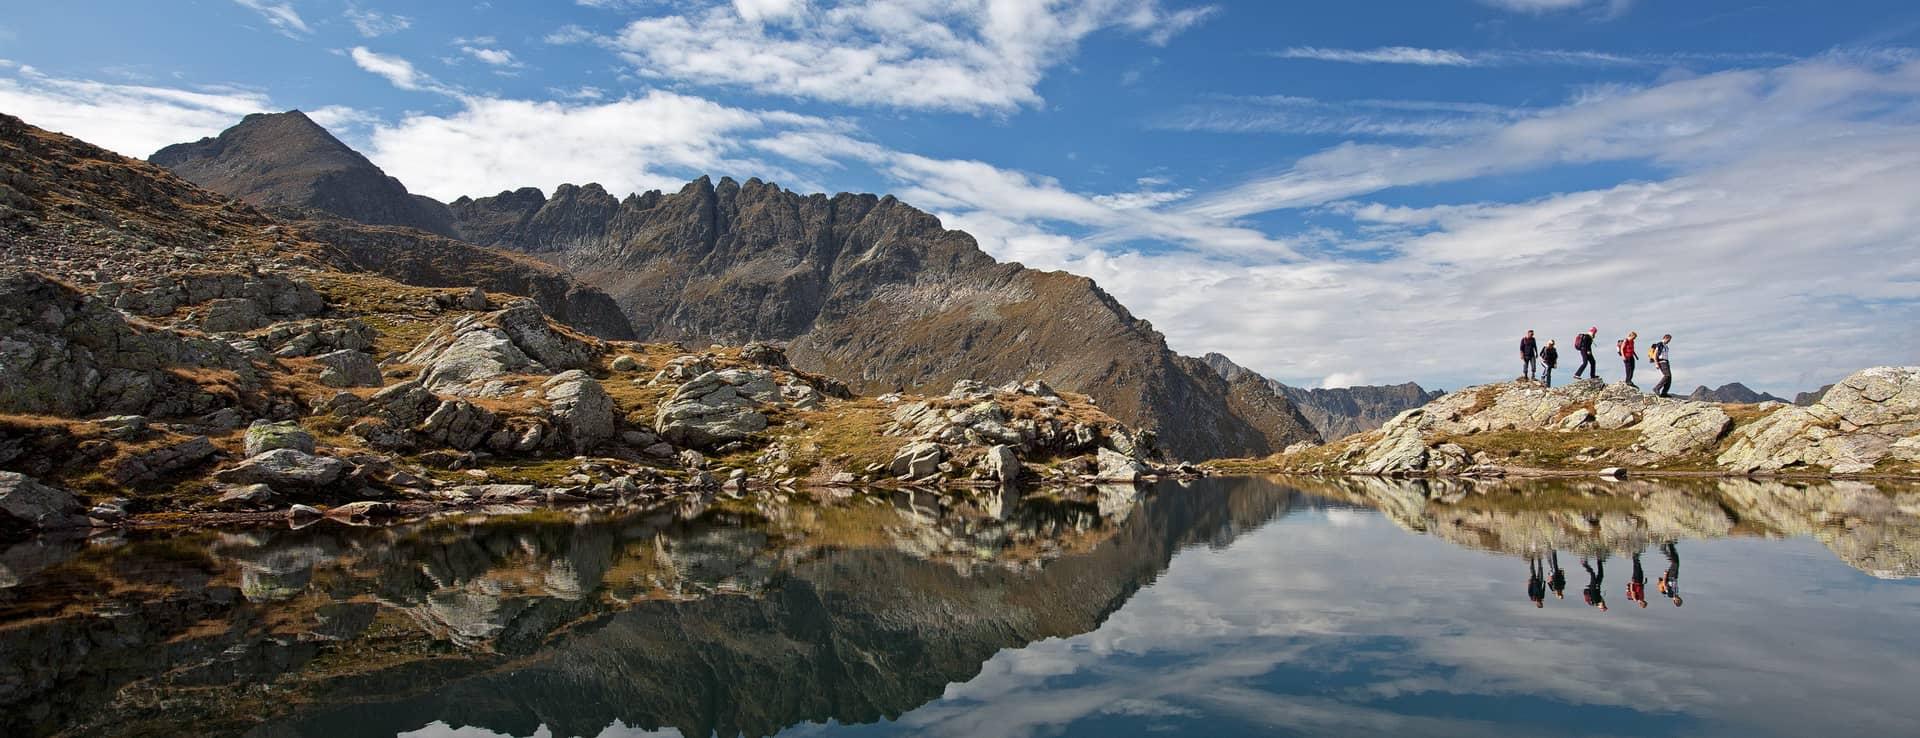 Klafferkessel - Schladming Tauern Höhenweg - vandring semester i Österrike med Austria Travel